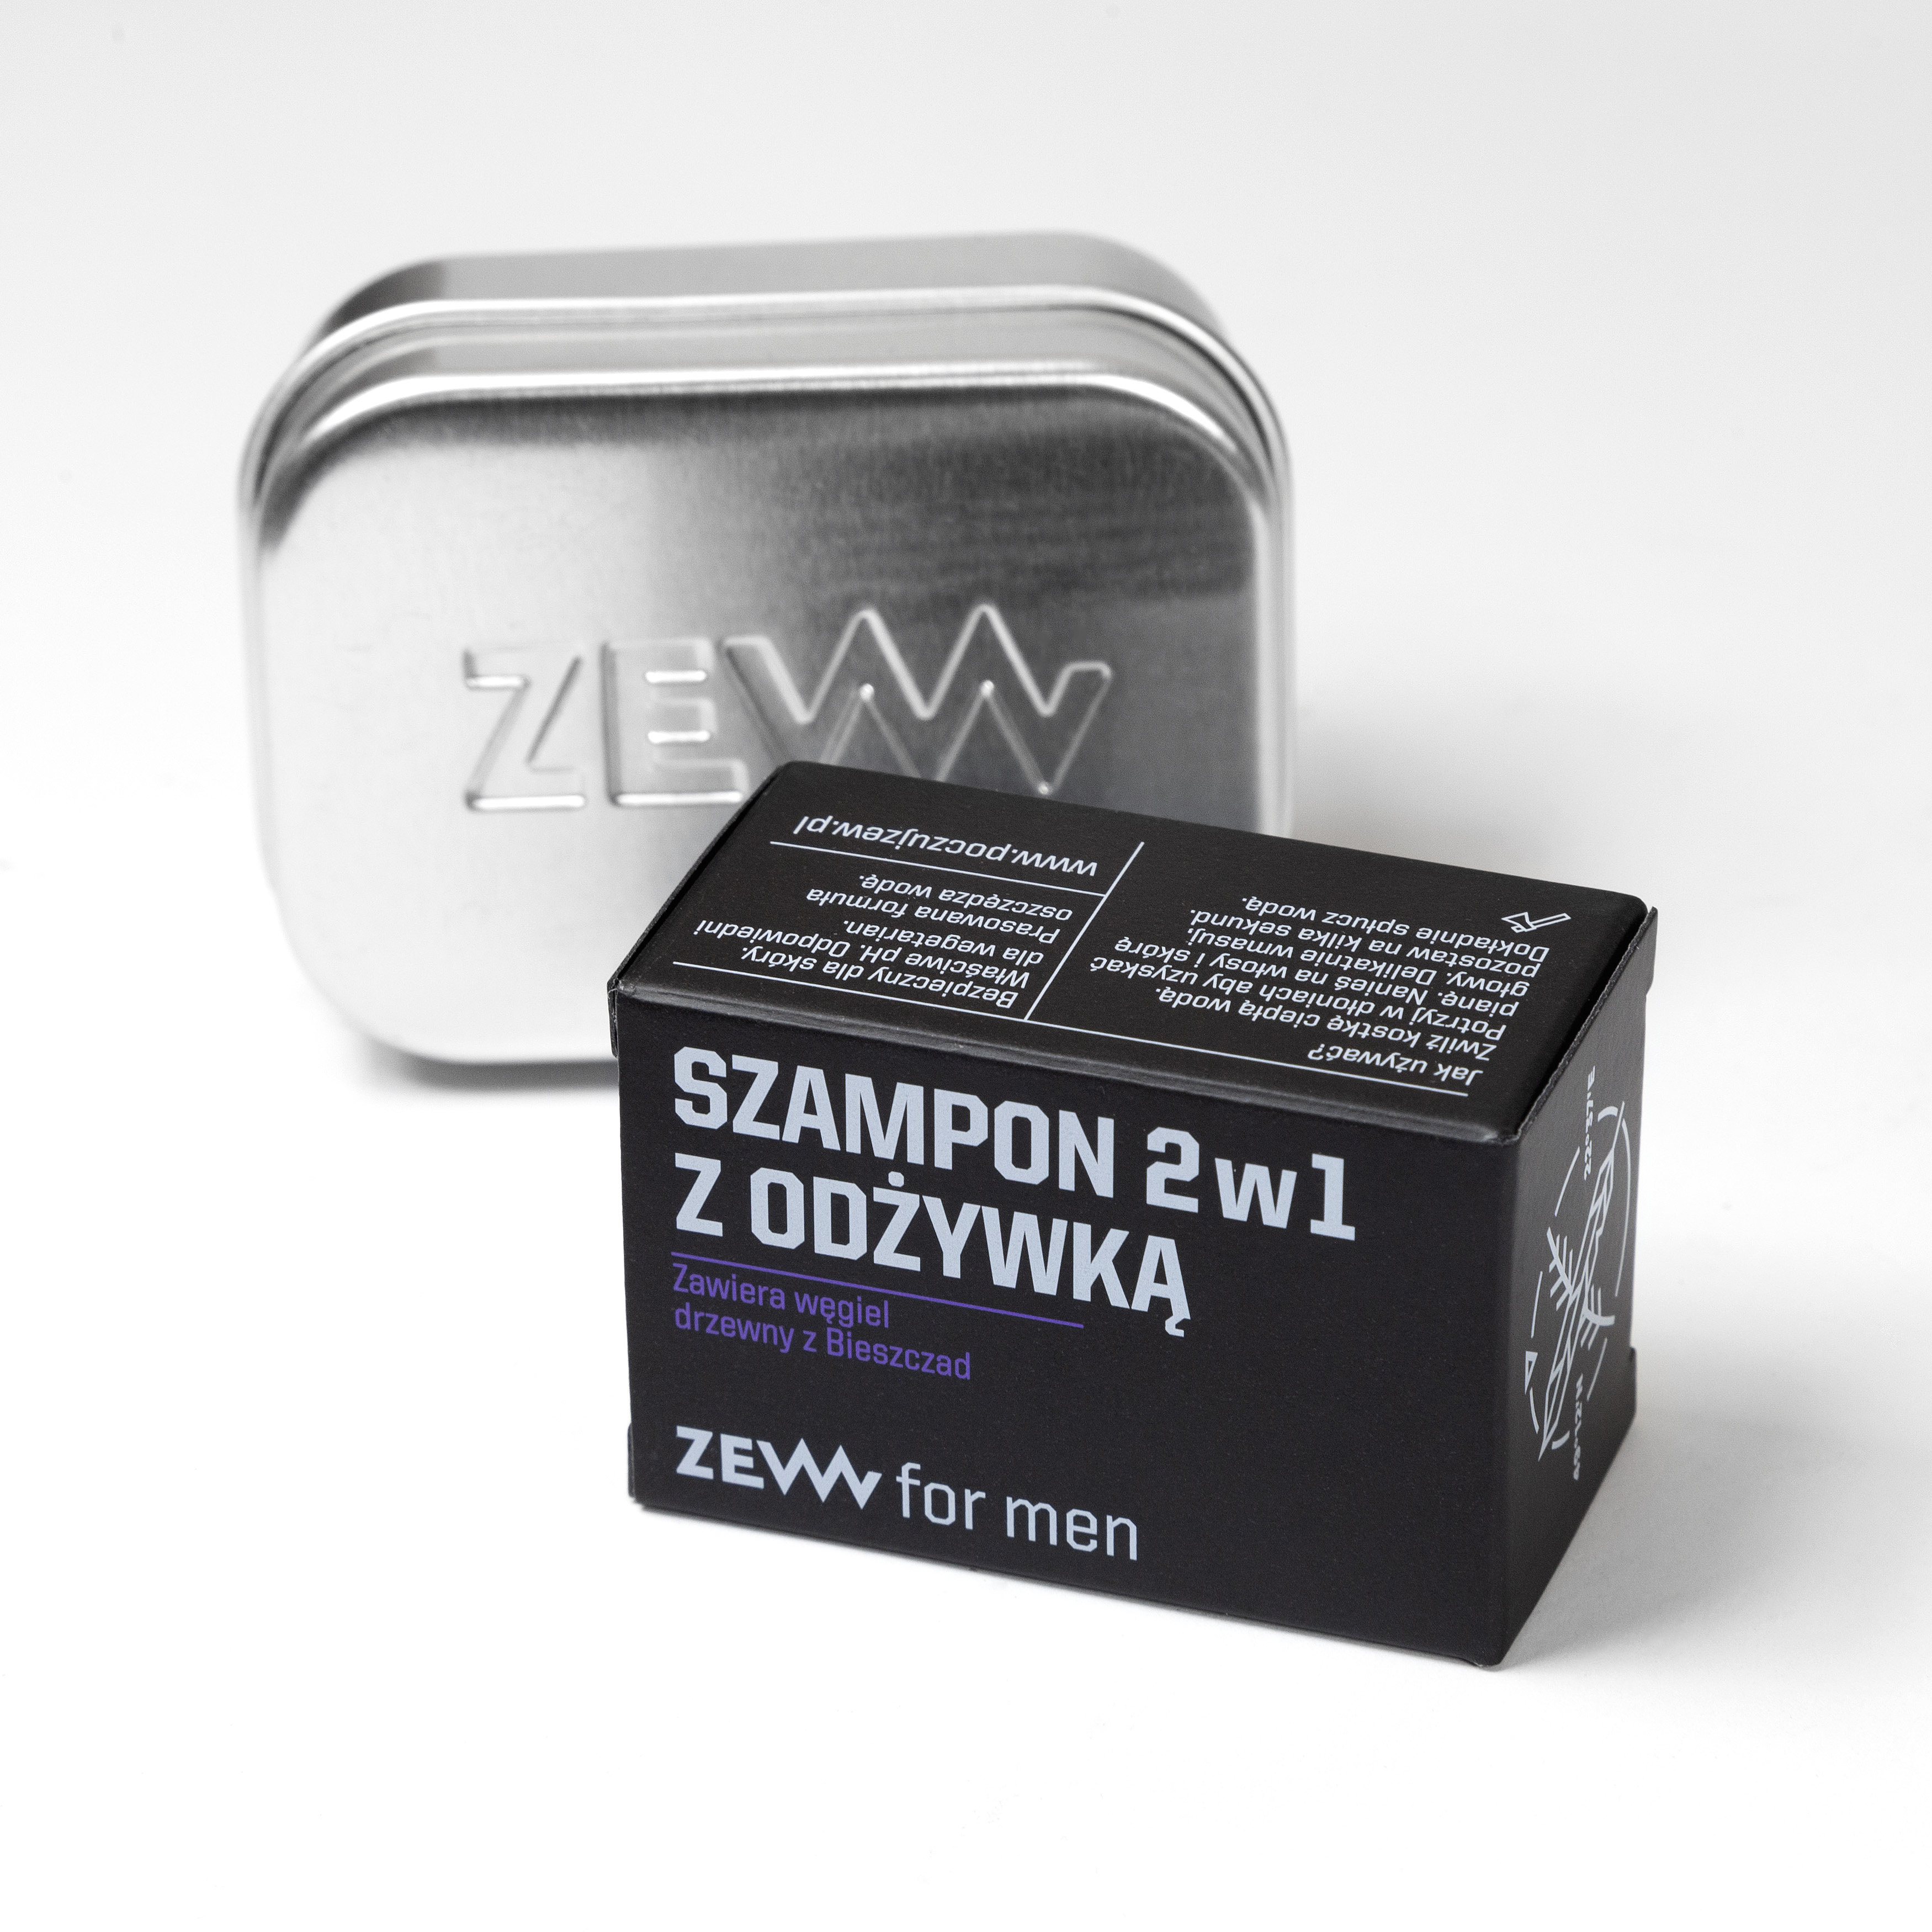 ZEW męski szampon w kostce do mycia włosów z węglem drzewnym 85ml (1)